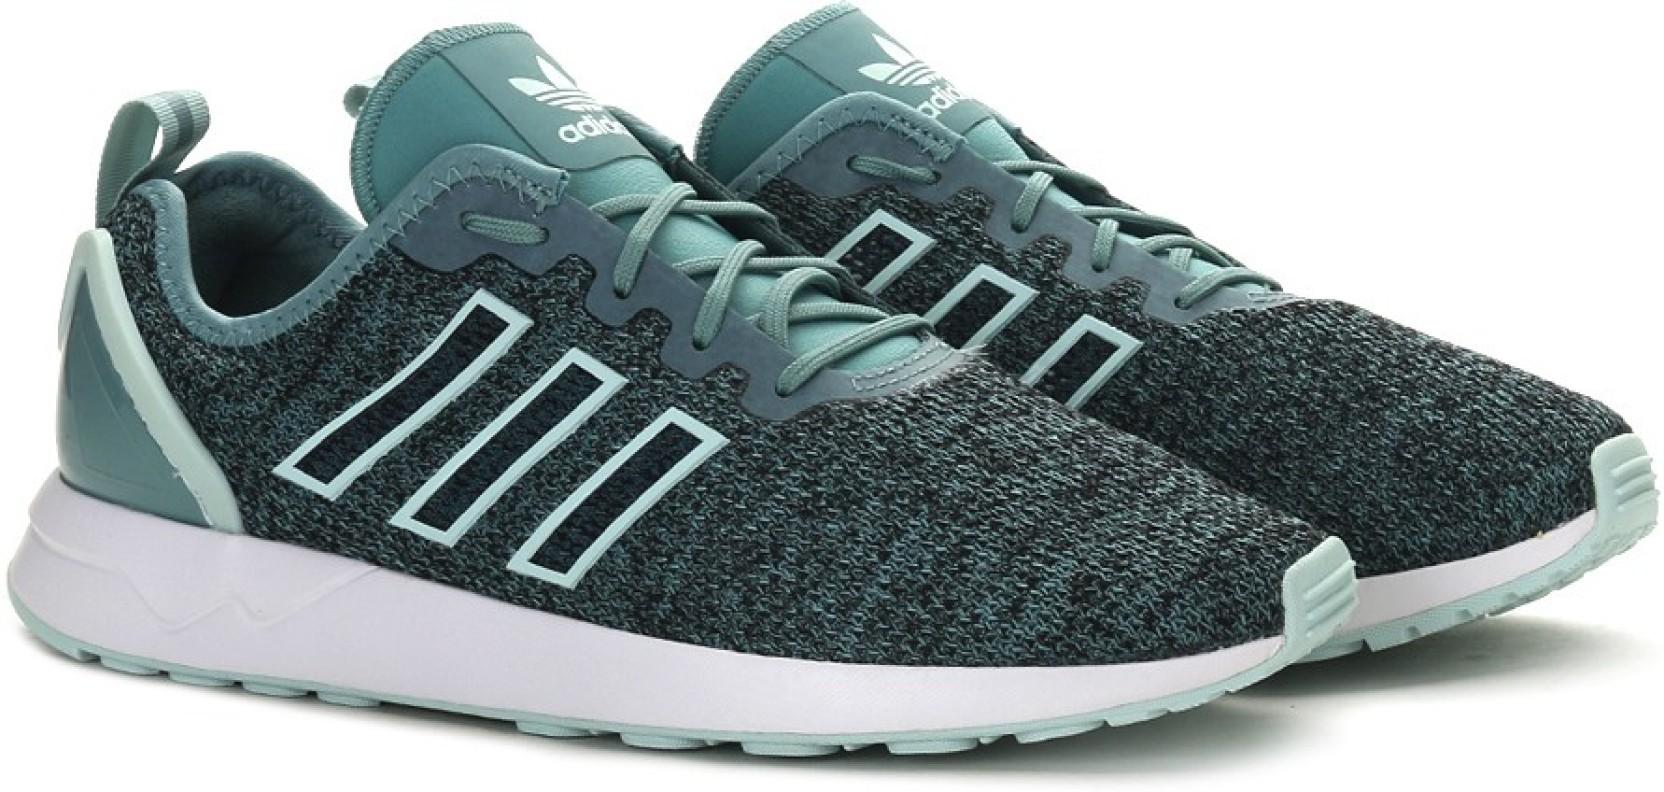 f028332f0b7d8 ... new zealand adidas originals zx flux adv sneakers for men. share 61108  c4fa4